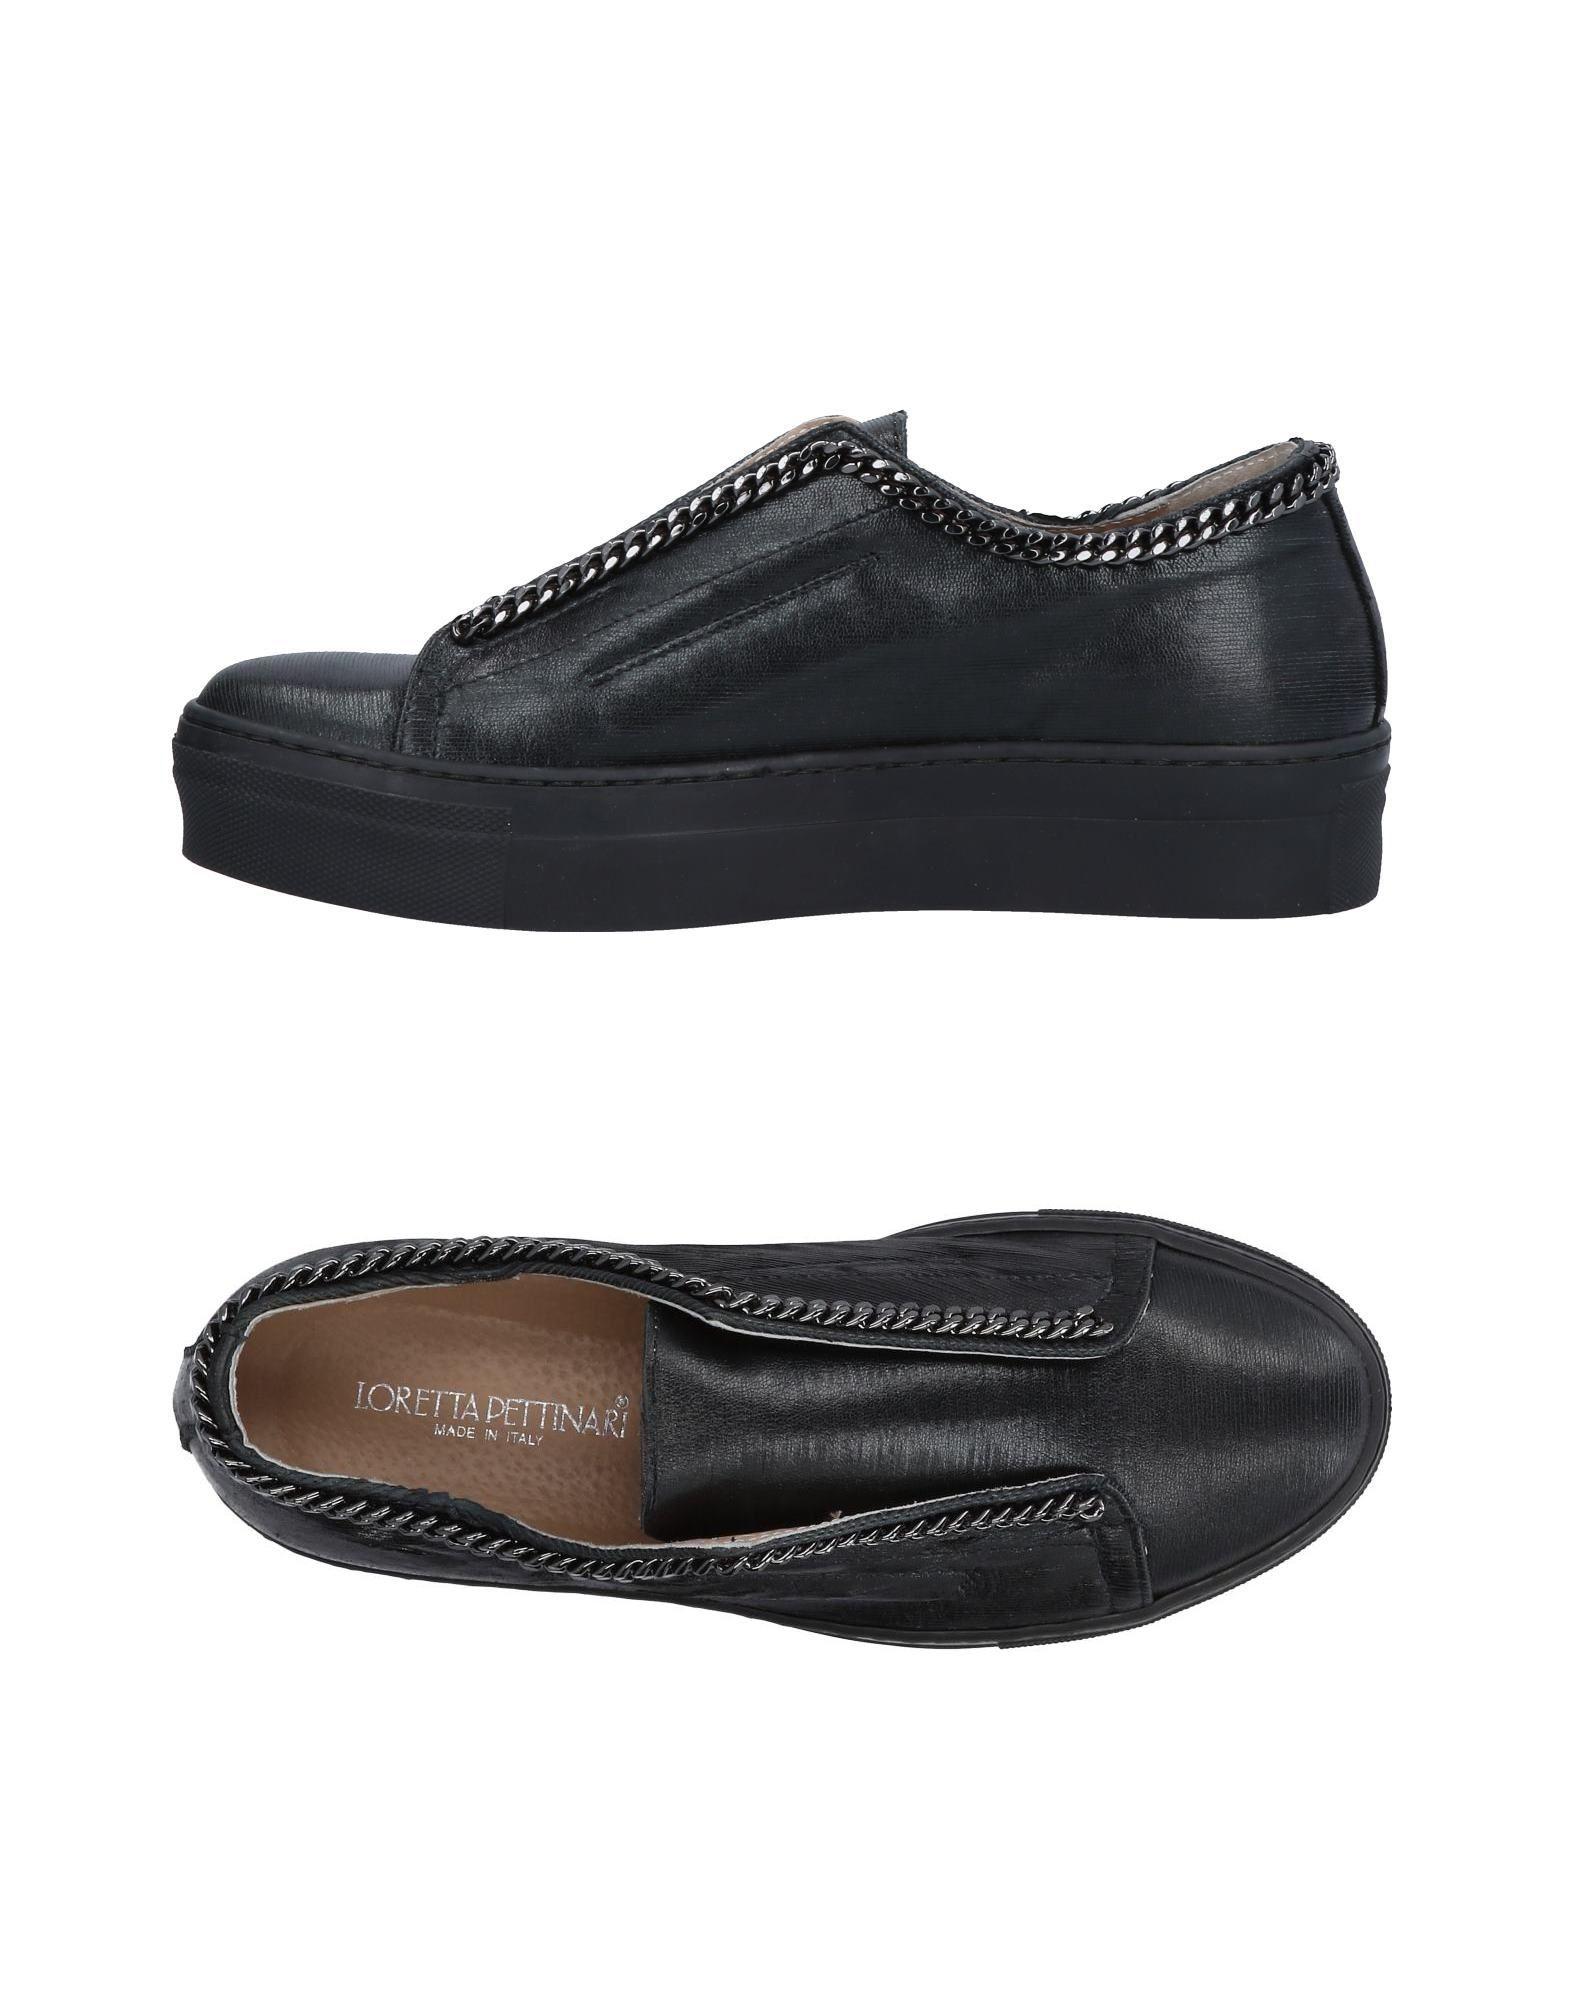 Sneakers Loretta Pettinari Donna - 11494006EW